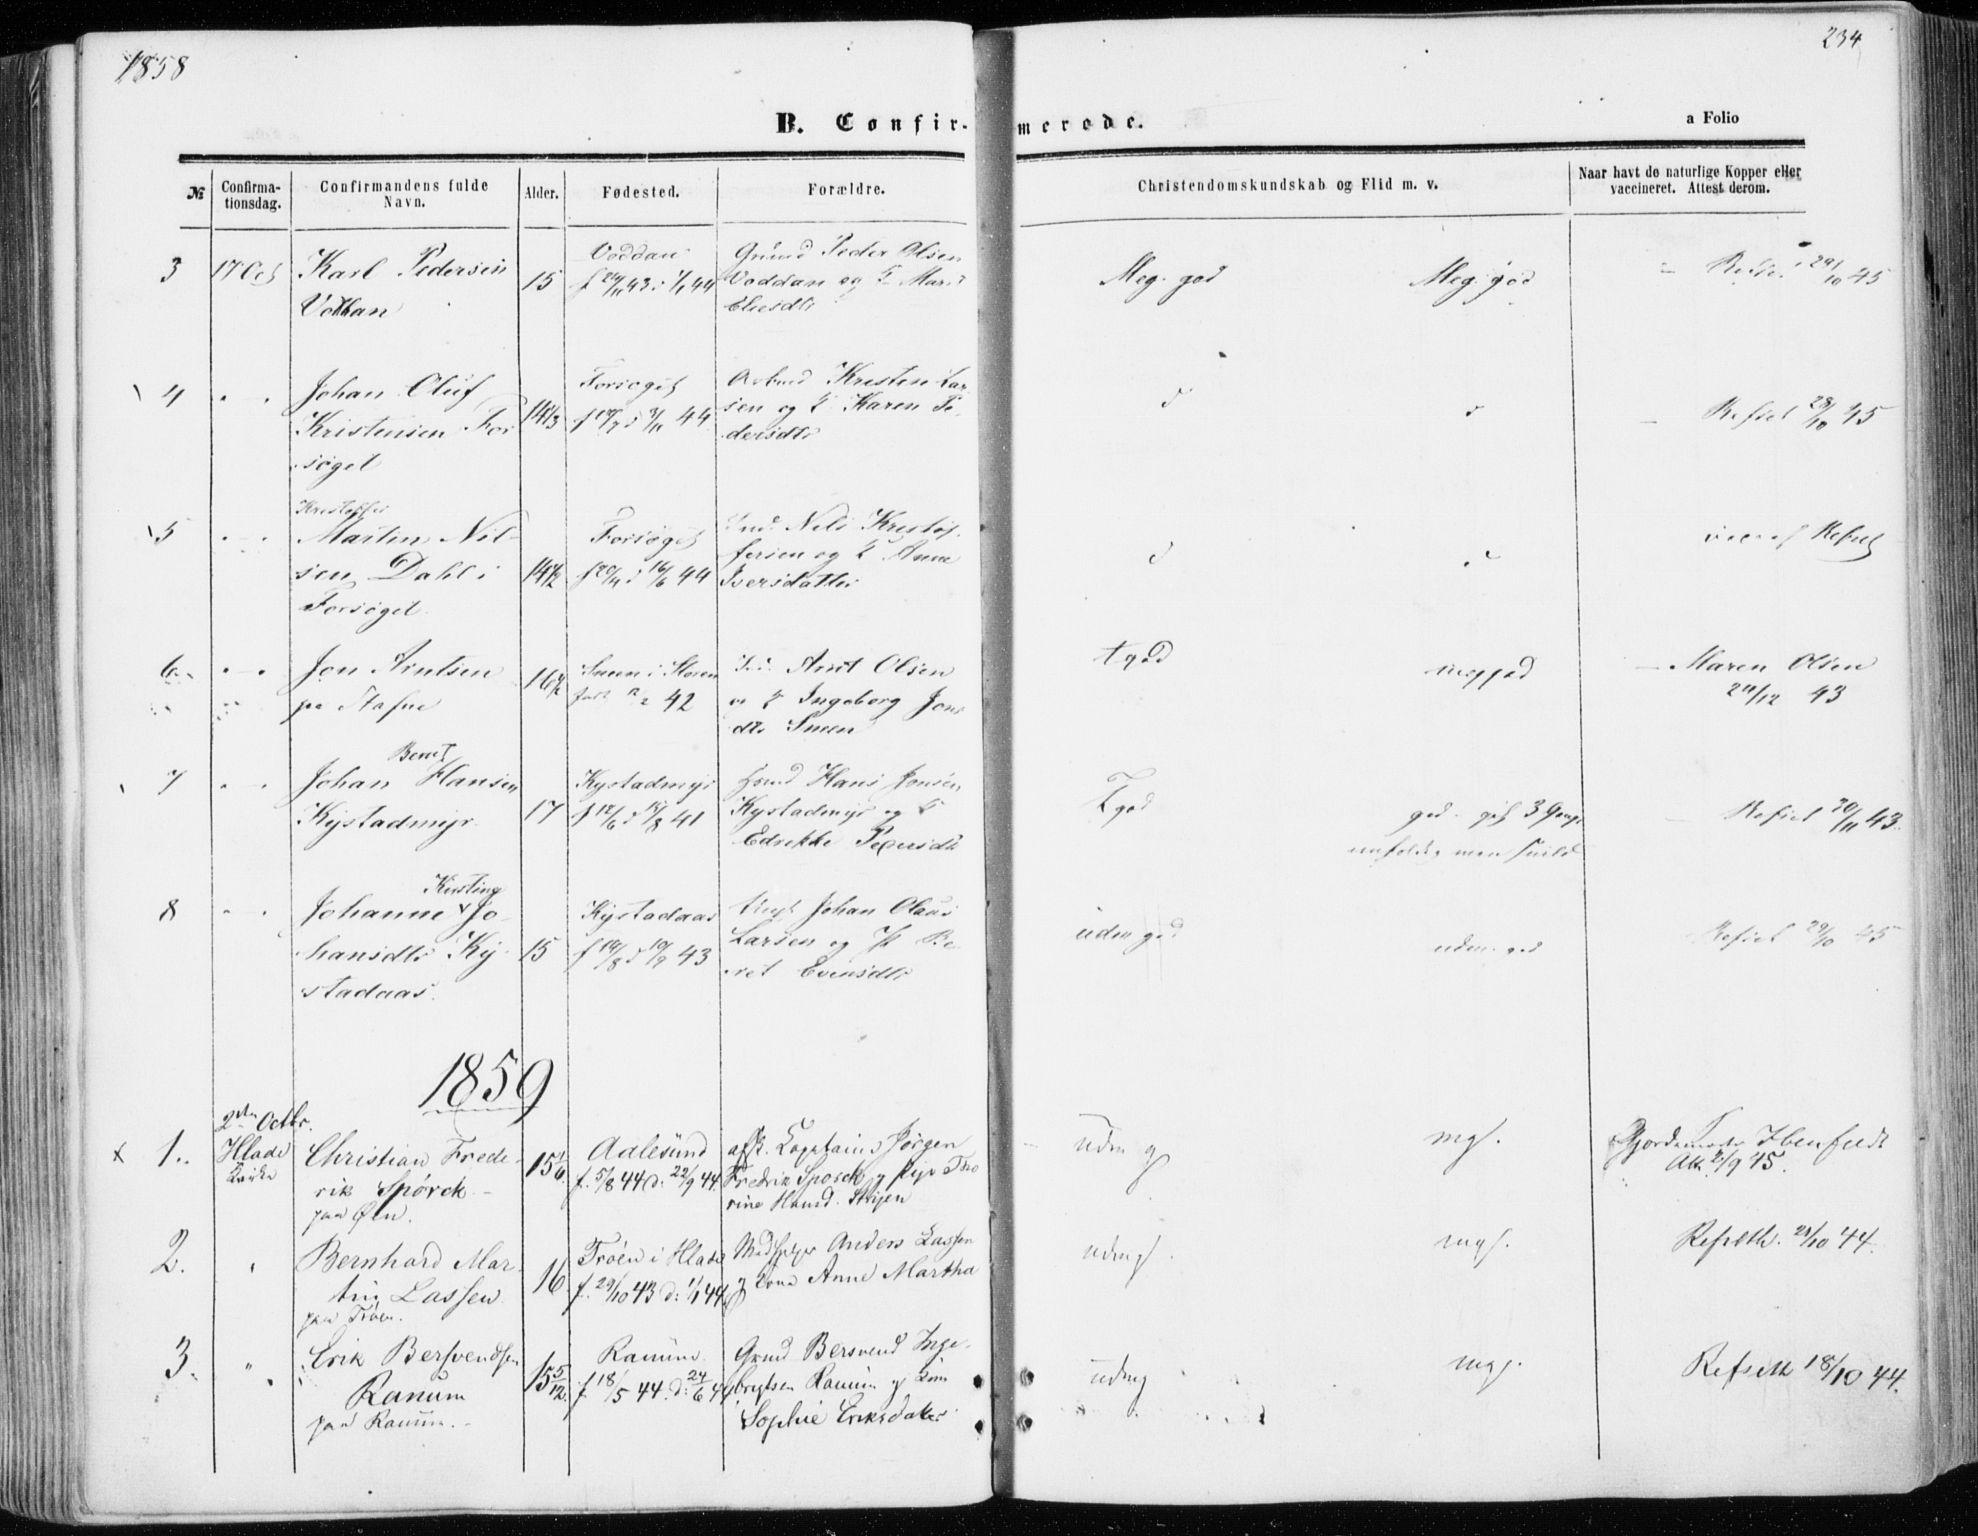 SAT, Ministerialprotokoller, klokkerbøker og fødselsregistre - Sør-Trøndelag, 606/L0292: Ministerialbok nr. 606A07, 1856-1865, s. 234